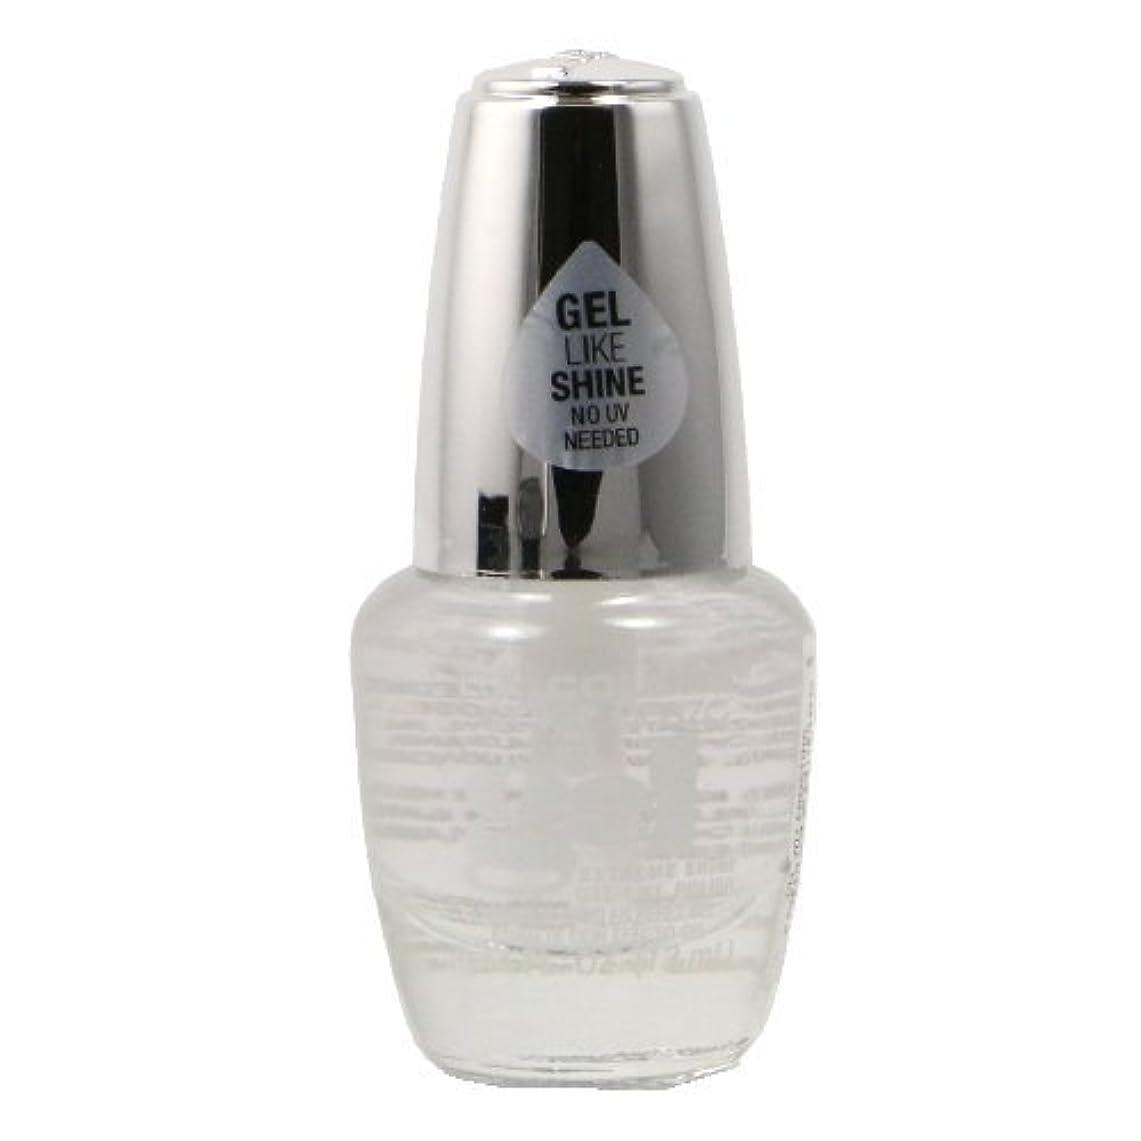 分泌するクレーター止まるLA Colors 美容化粧品21 Cnp701美容化粧品21 0.44 fl。 oz。 (13ml) フロスティング(cnp701)